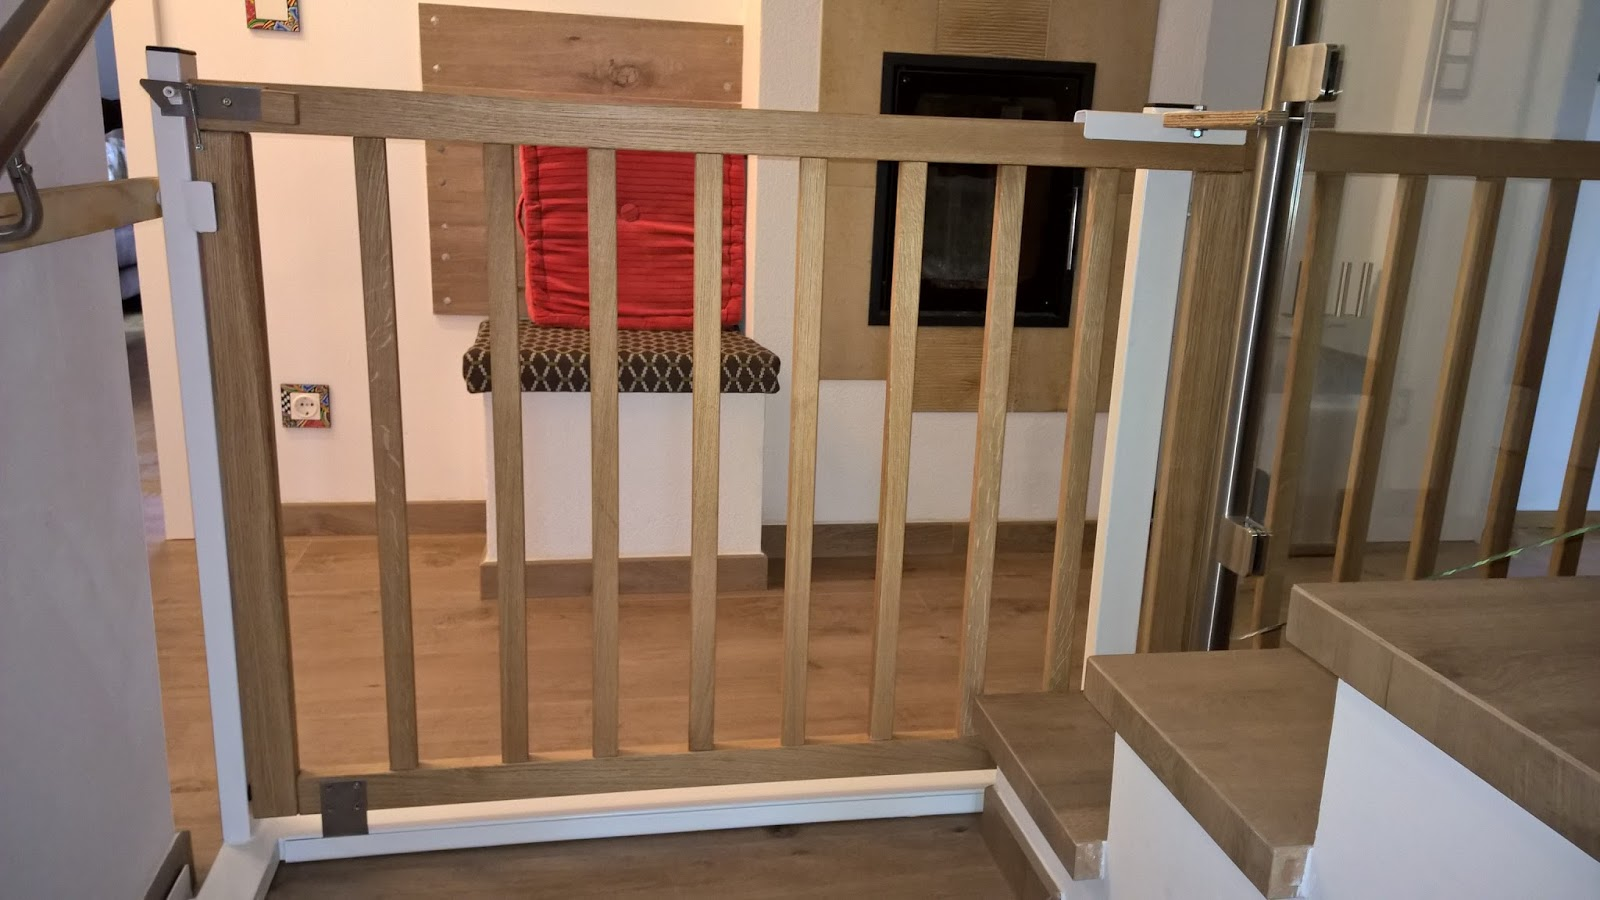 holz und metall ein heimwerkerblog treppenschutzgitter. Black Bedroom Furniture Sets. Home Design Ideas